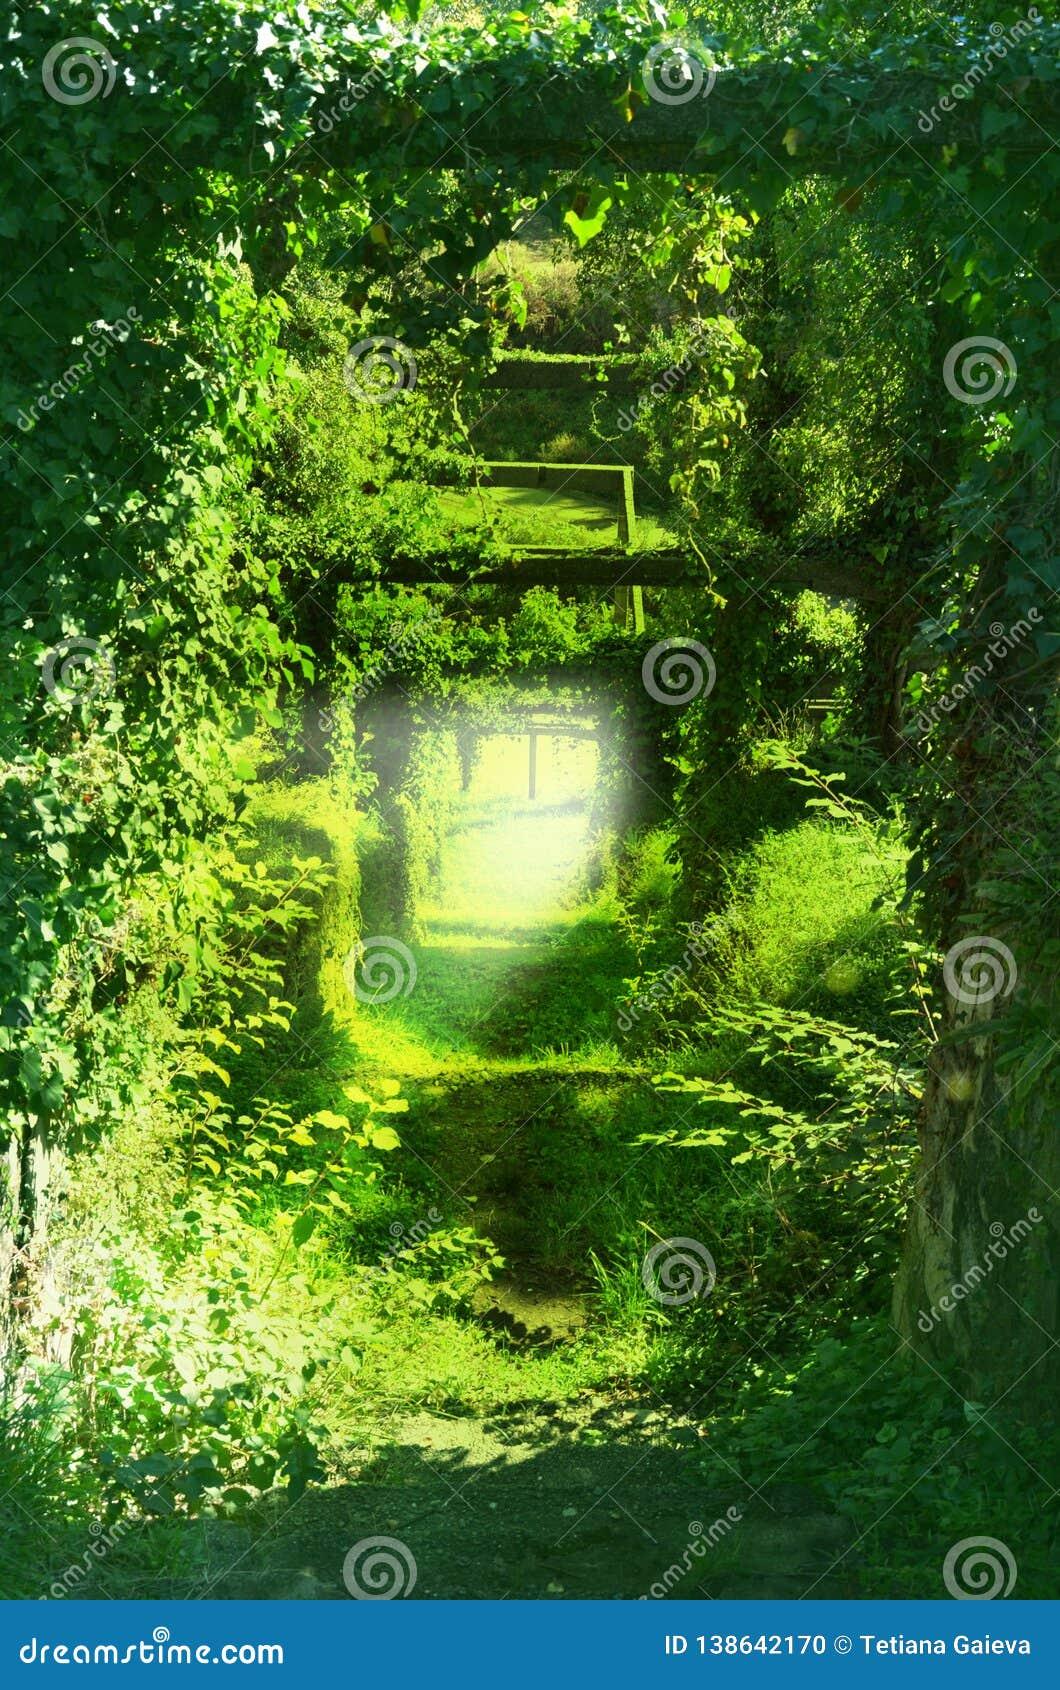 След в зеленых тоннелях ветвей деревьев, трава, взбираясь лозы изображение